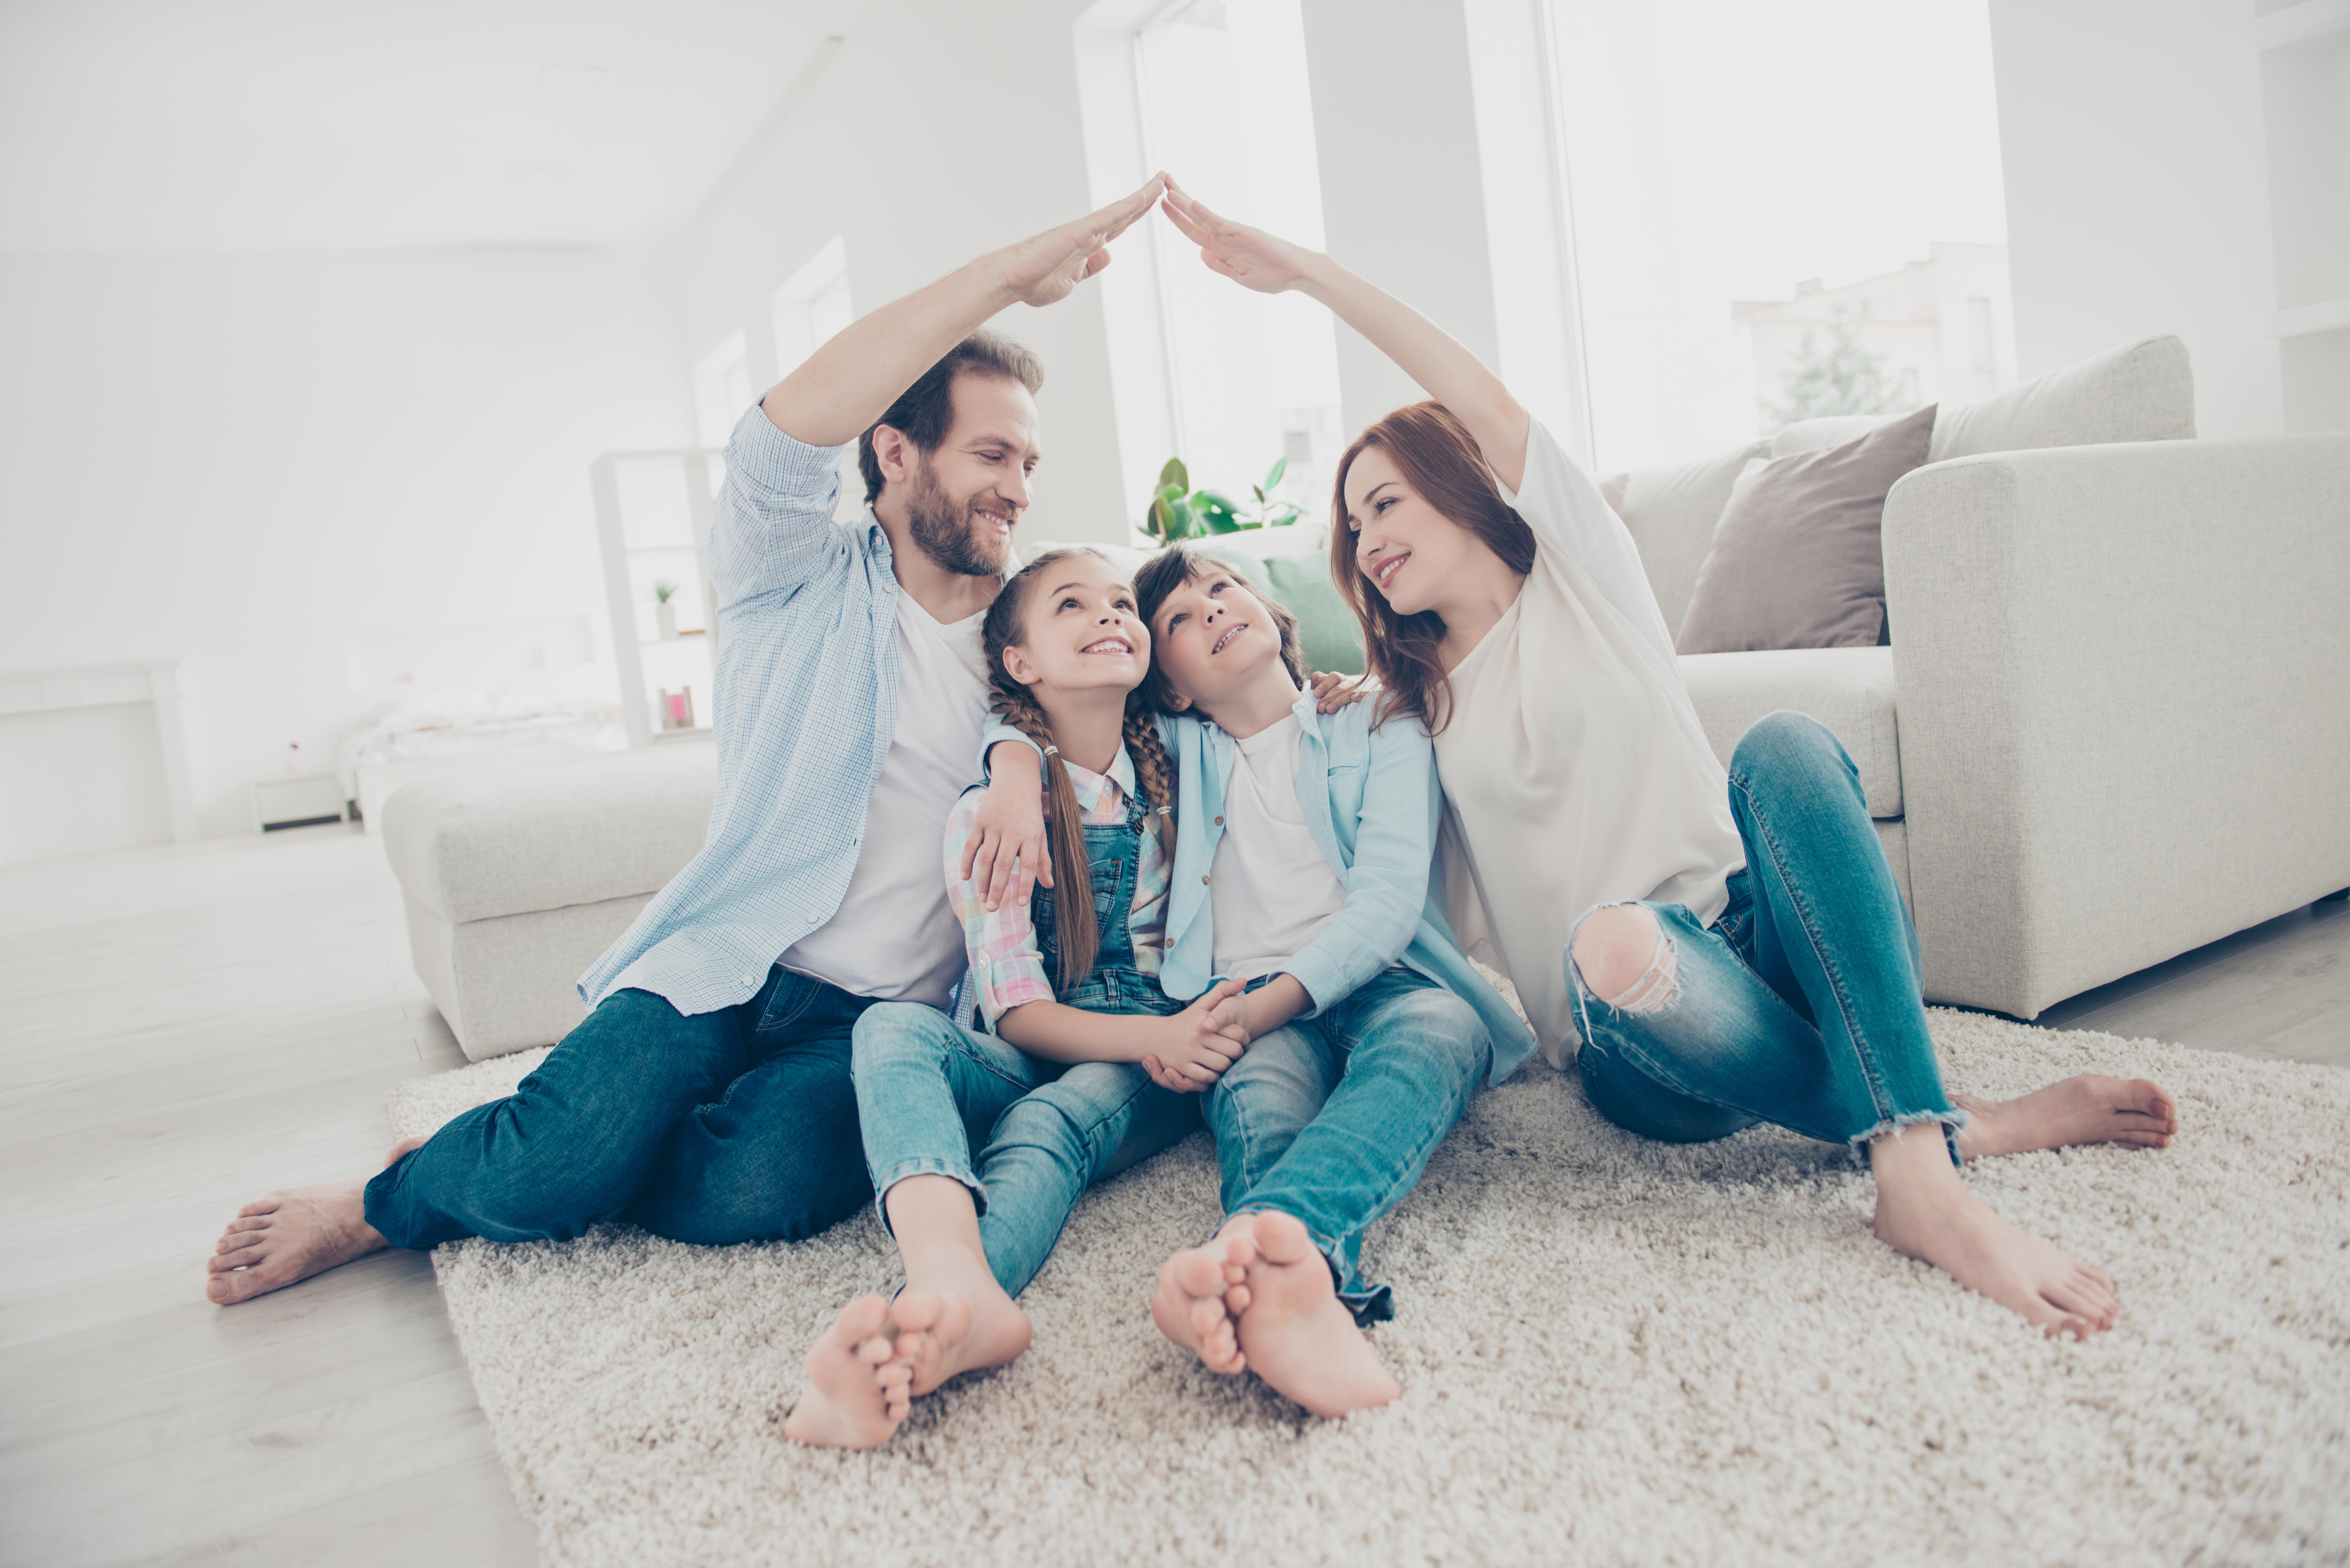 Спільне батьківство: як баланс стосунків у сім'ї створює гармонію